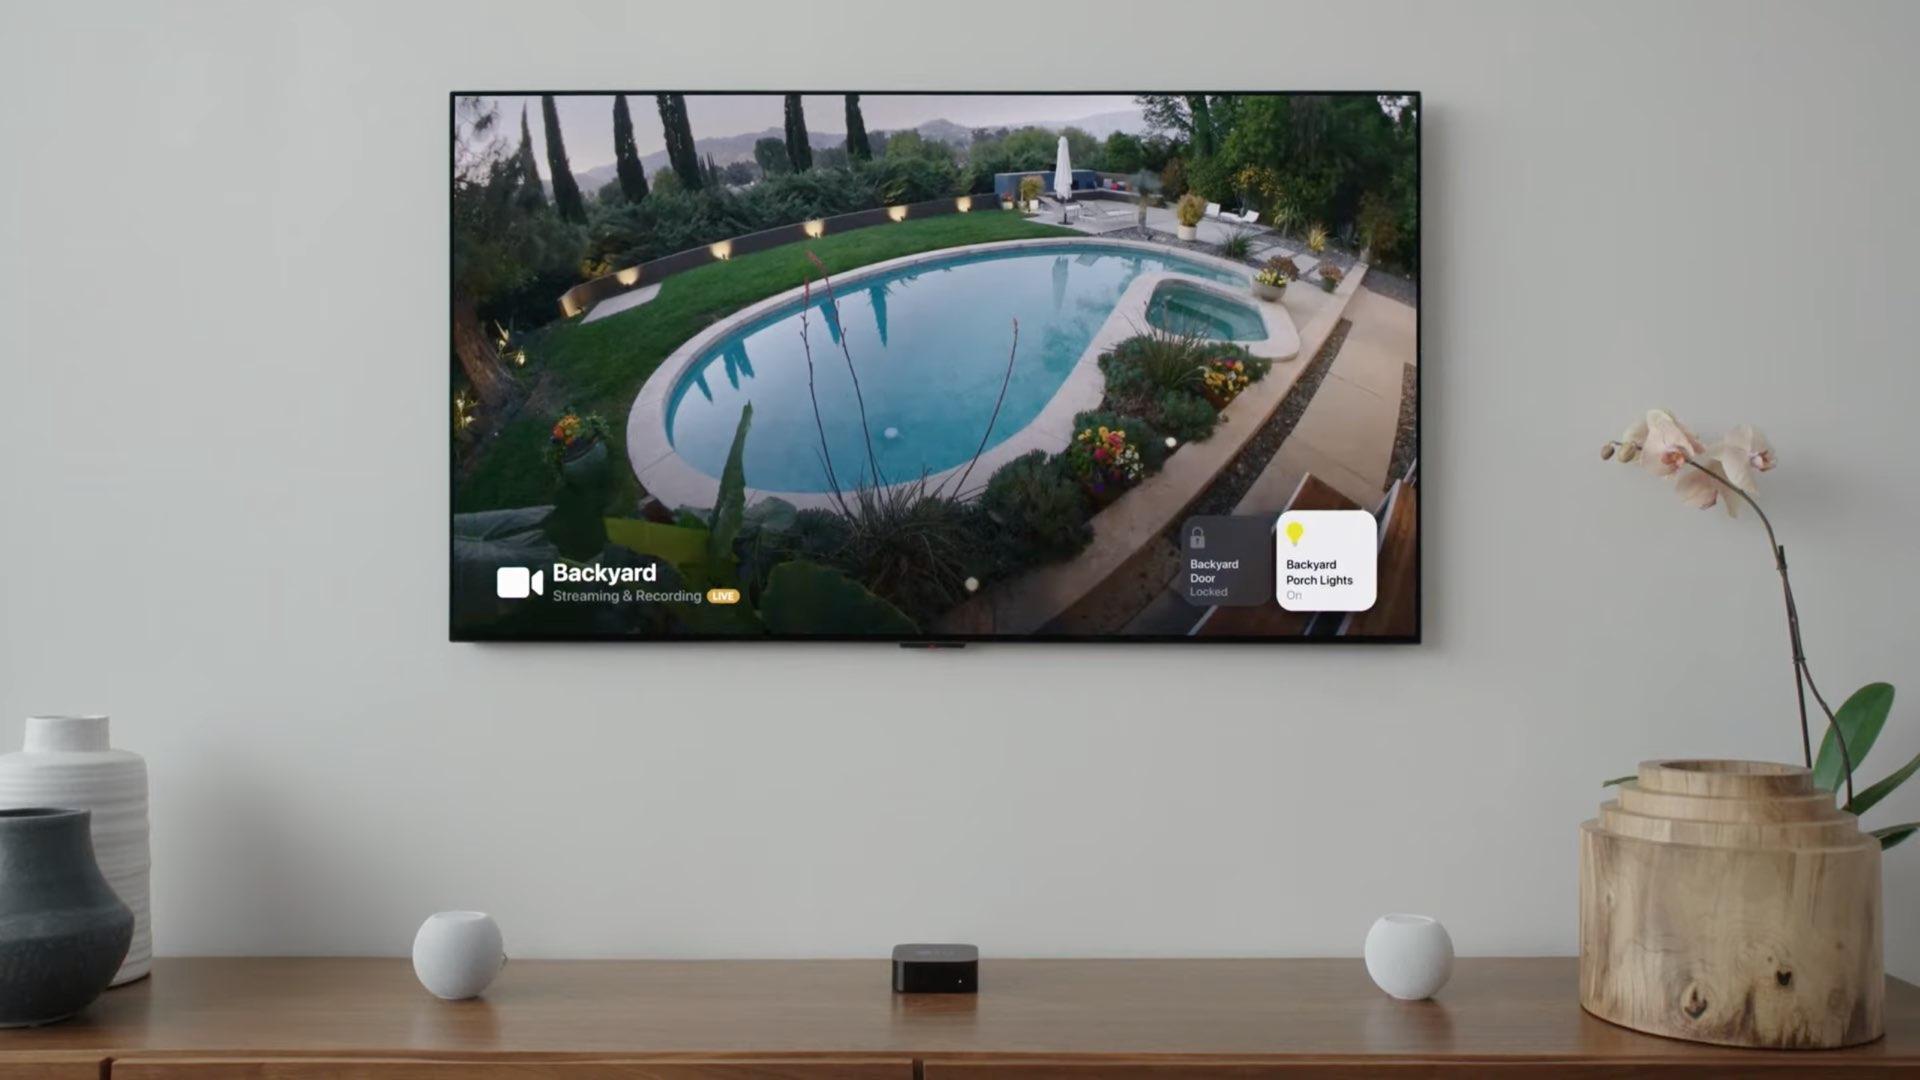 Une image montrant un flux de caméra de sécurité HomeKit affiché sur Apple TV avec tvOS 15, avec des commandes d'éclairage intelligentes visibles dans les coins de l'écran